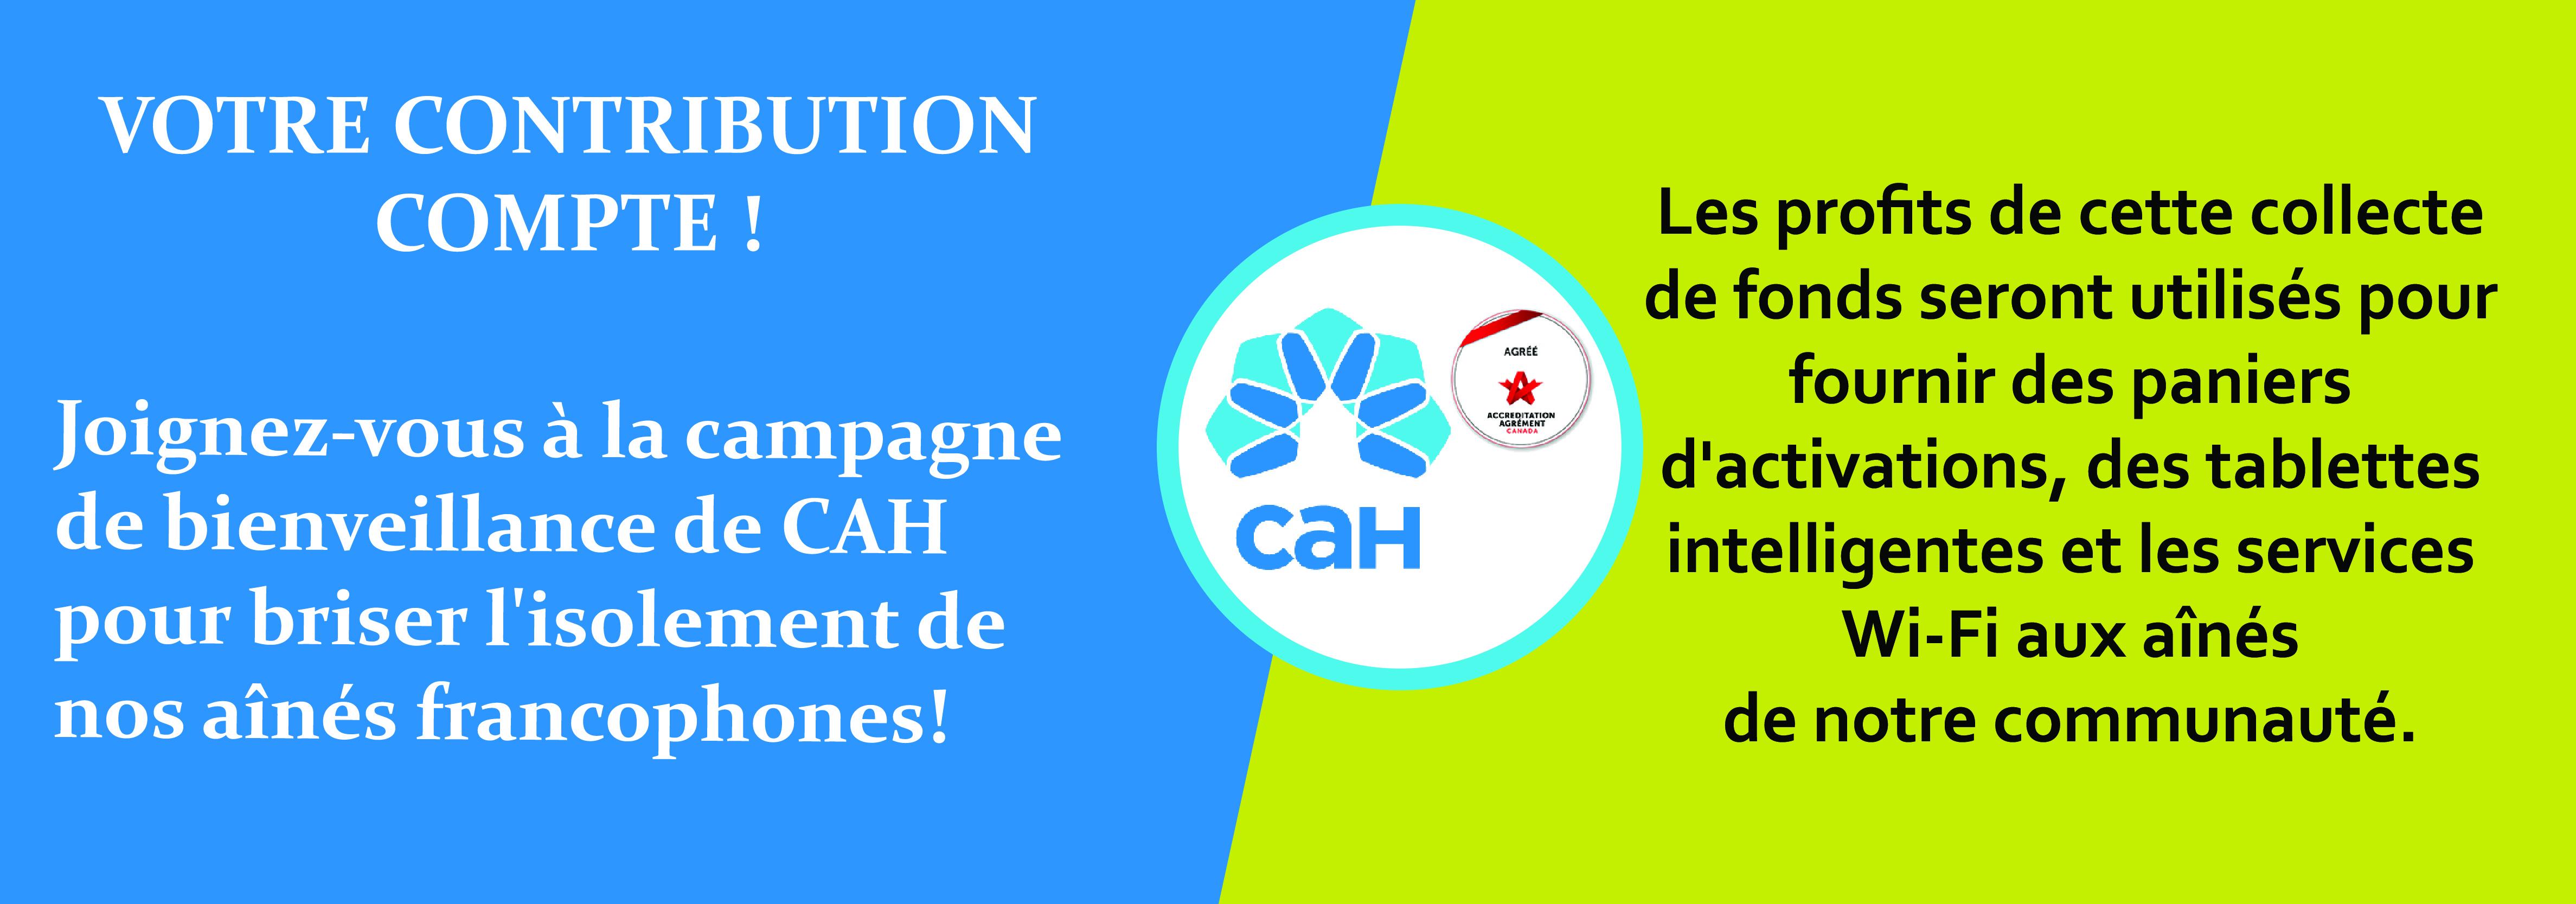 Campagne de bienveillance de CAH 2020